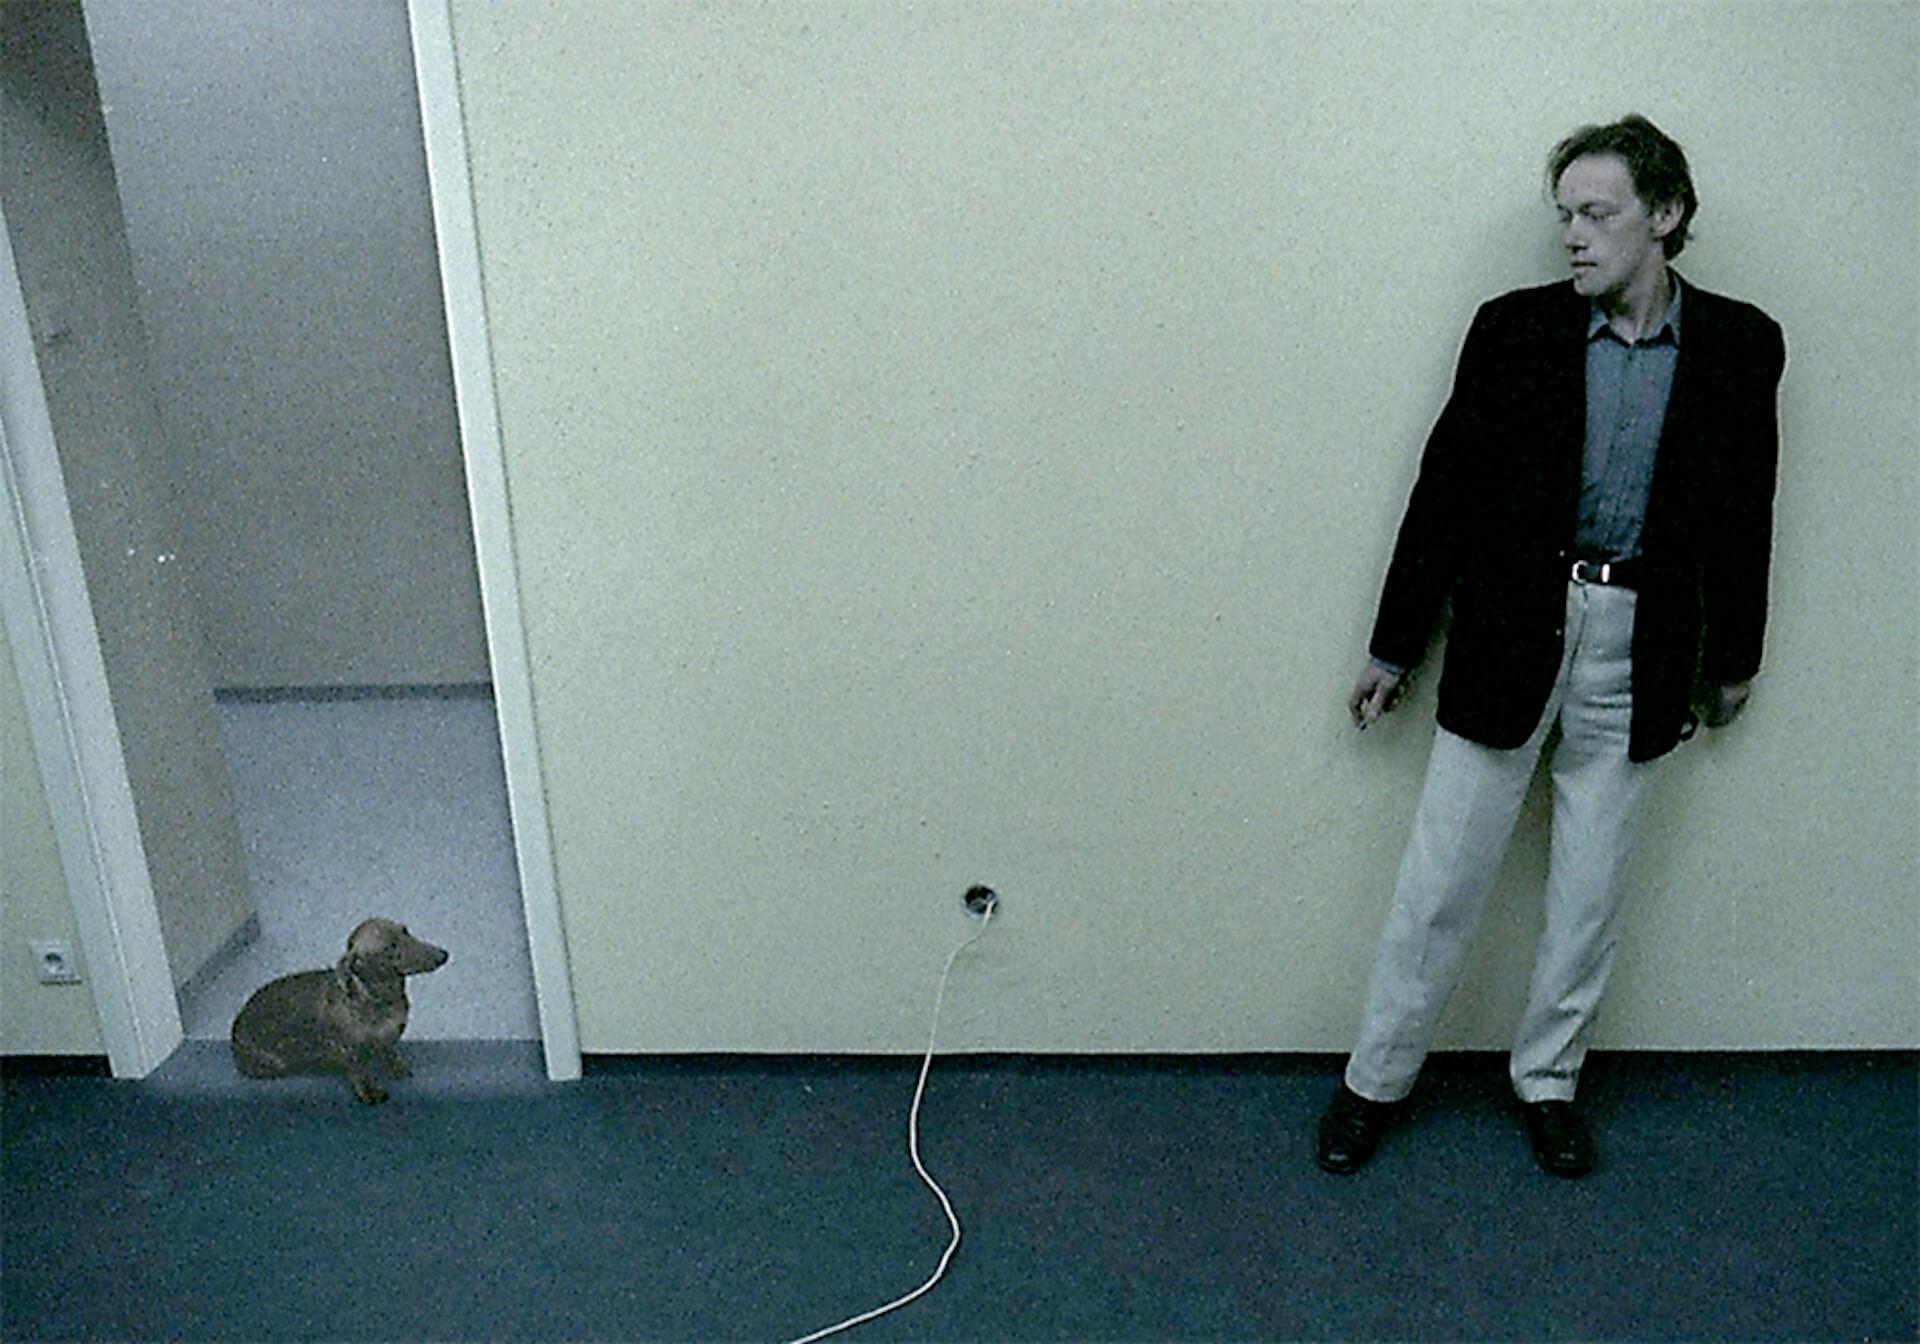 狂気的な殺人鬼K.と愛くるしい犬との邂逅の末は...?話題沸騰の『アングスト/不安』の特別映像&新場面写真が解禁 film200616_angst_1